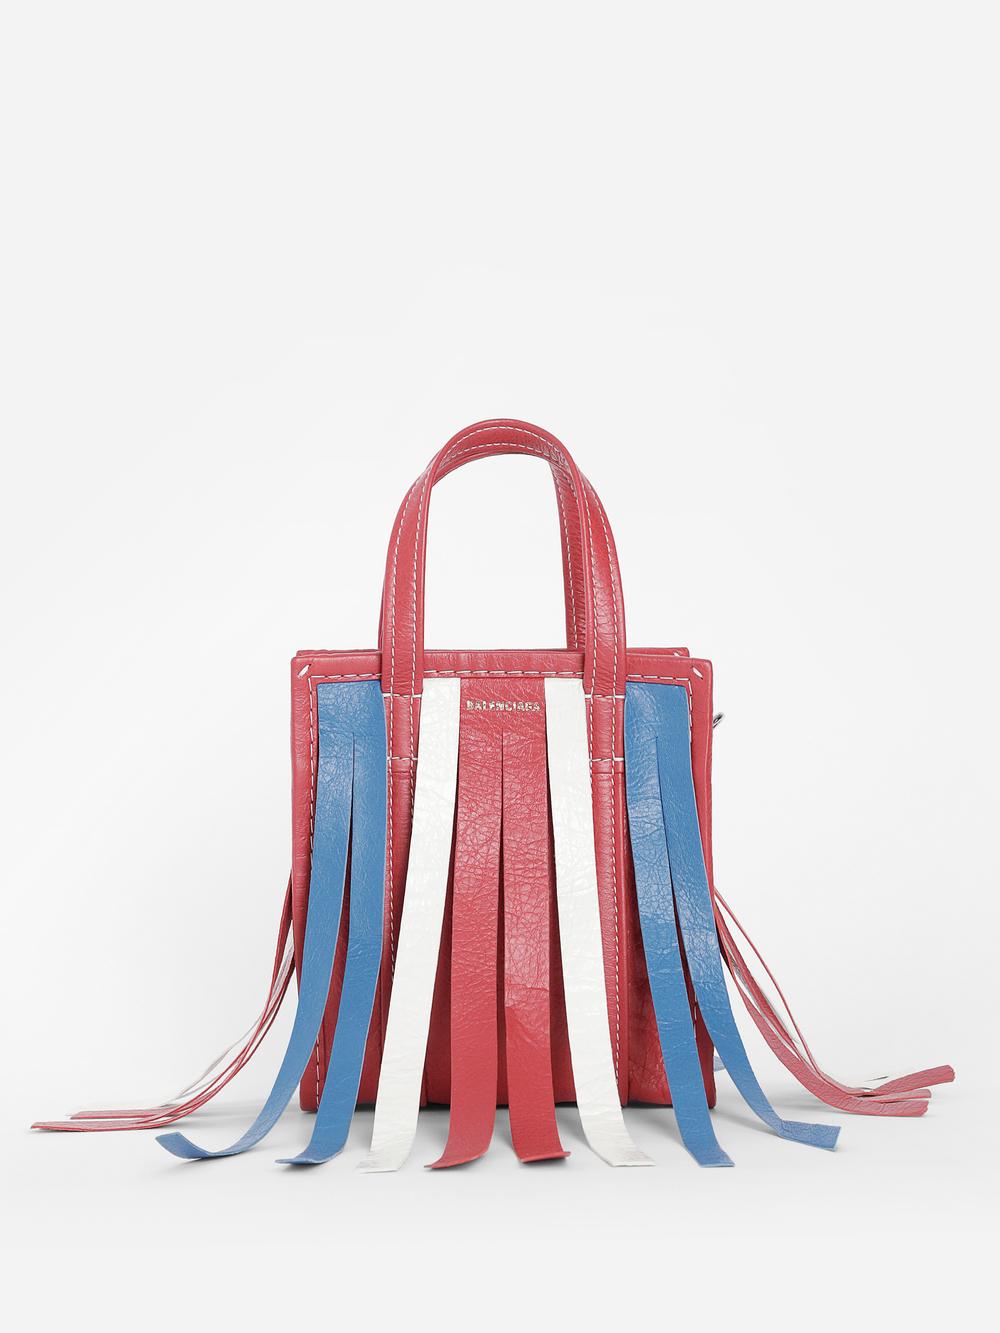 9f6a61c70d2 Balenciaga Women's Multicolor Fringed Bazar Shopper Bag Xxs | ModeSens